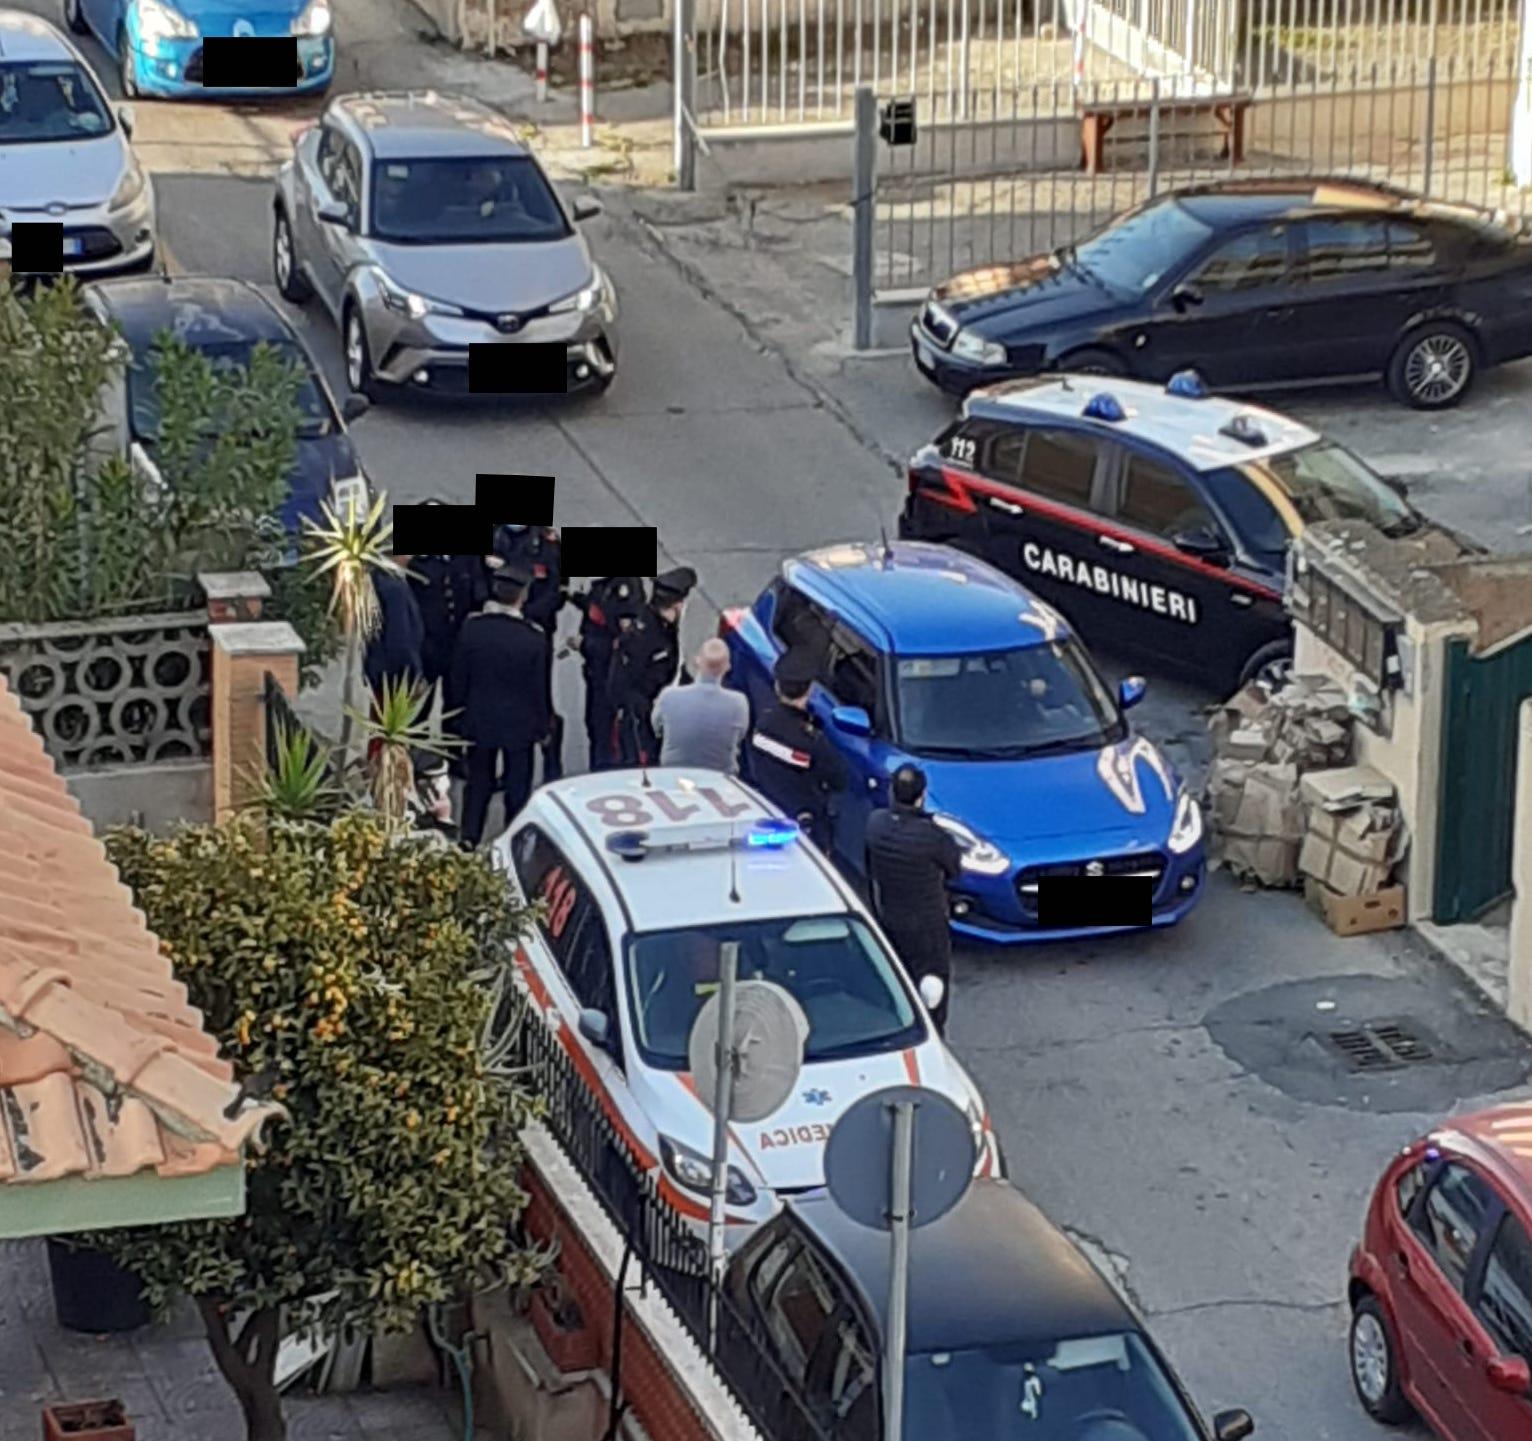 Omicidio suicidio a Ventimiglia, spara alla ex e si suicida